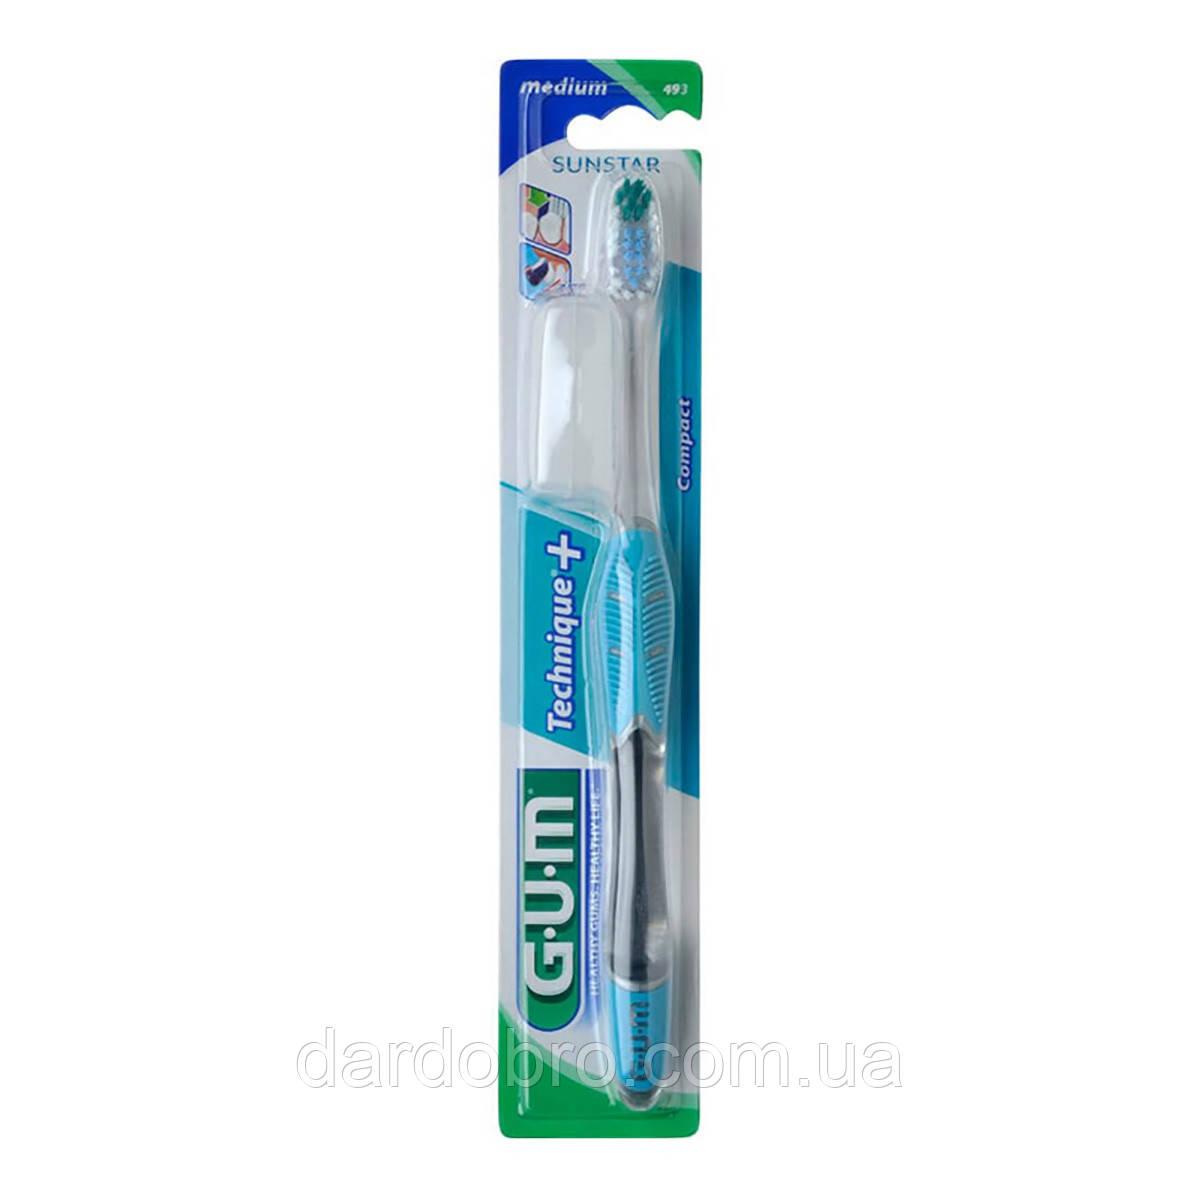 Зубная щетка GUM TECHNIQUE PLUS, компактная средне-мягкая